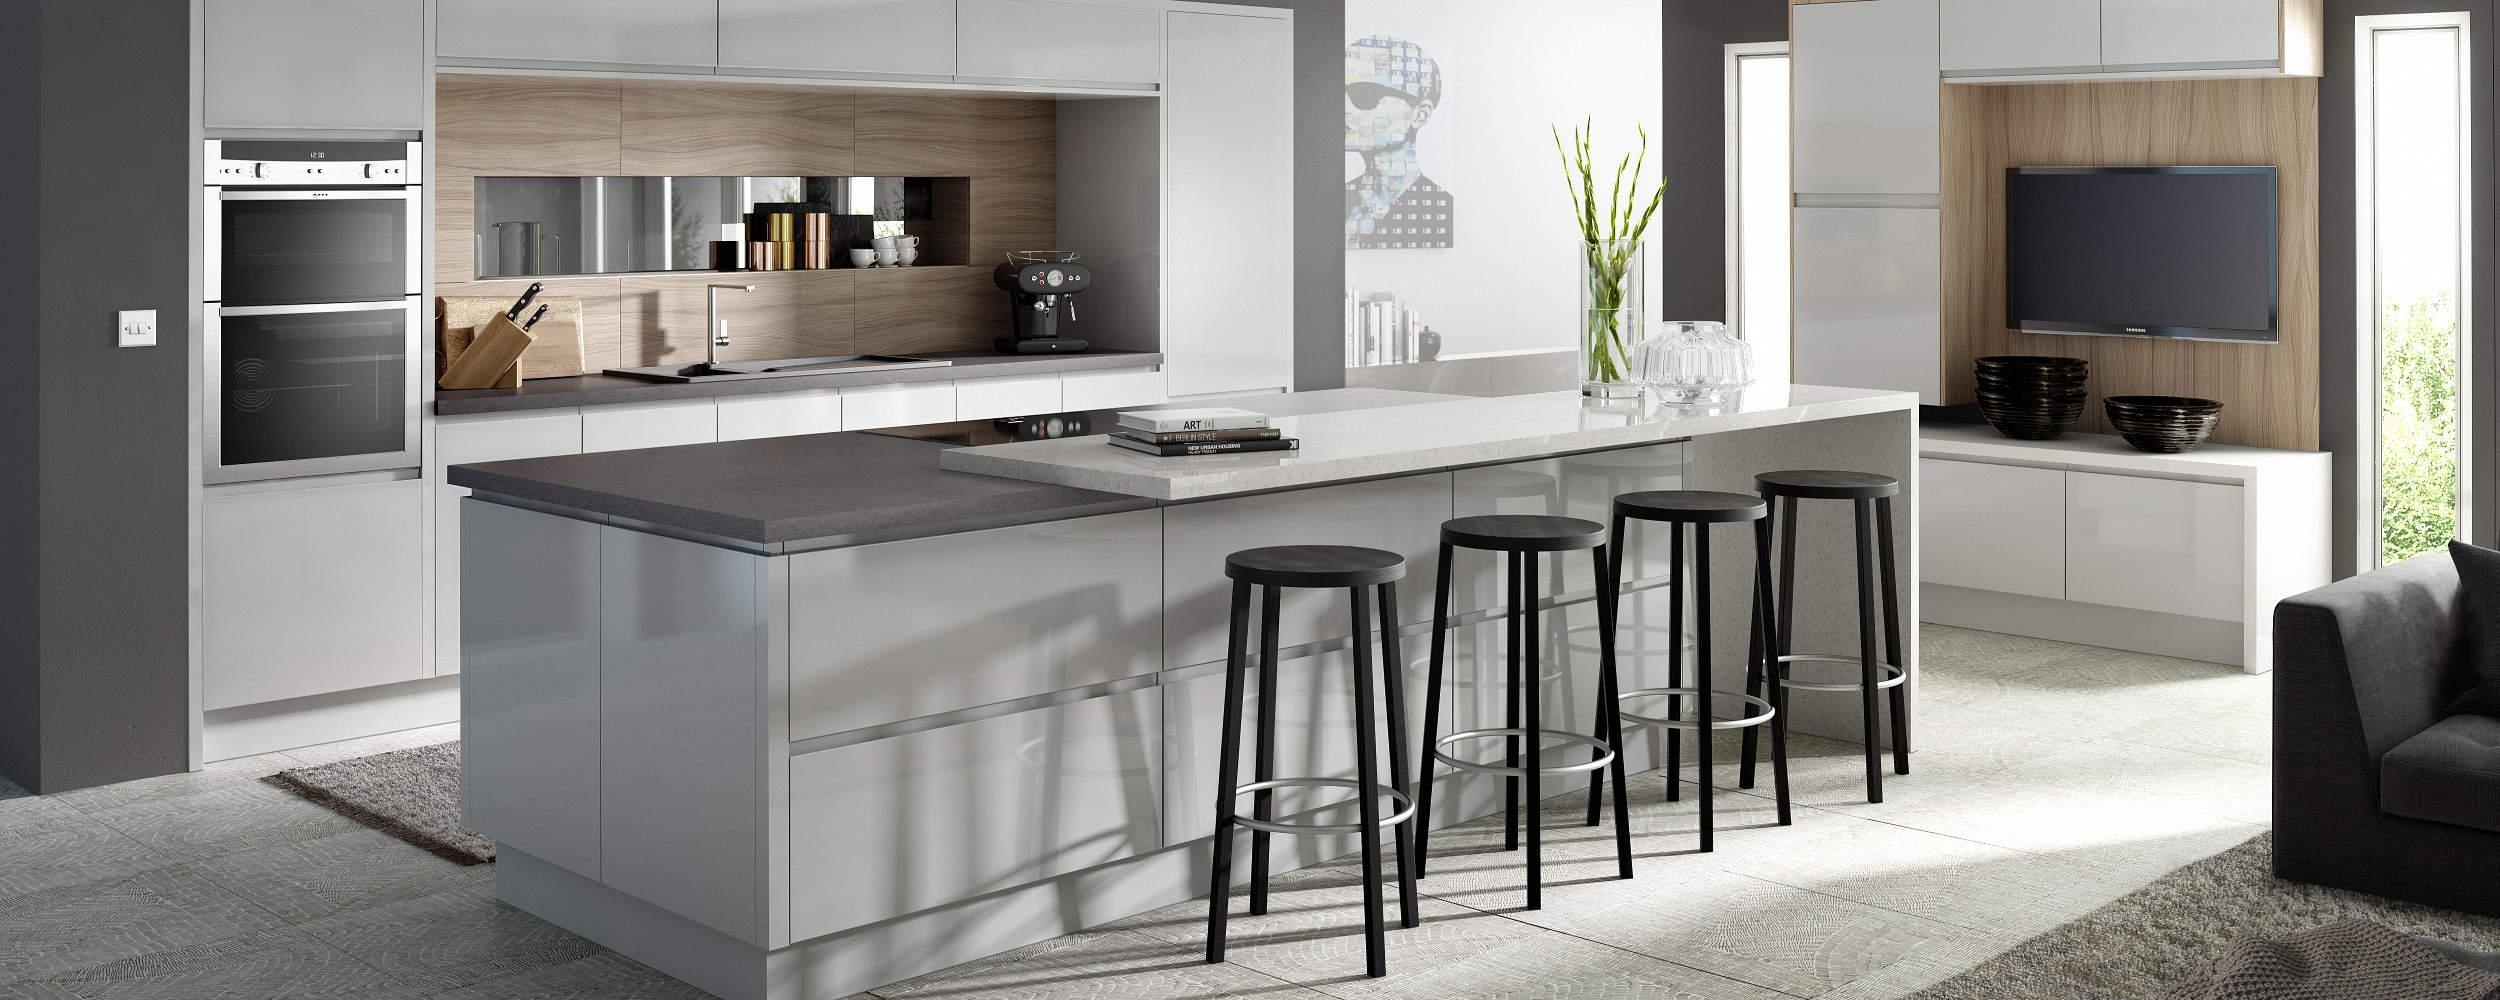 Amusing Kitchen Designs Glasgow Gallery - Simple Design Home ...